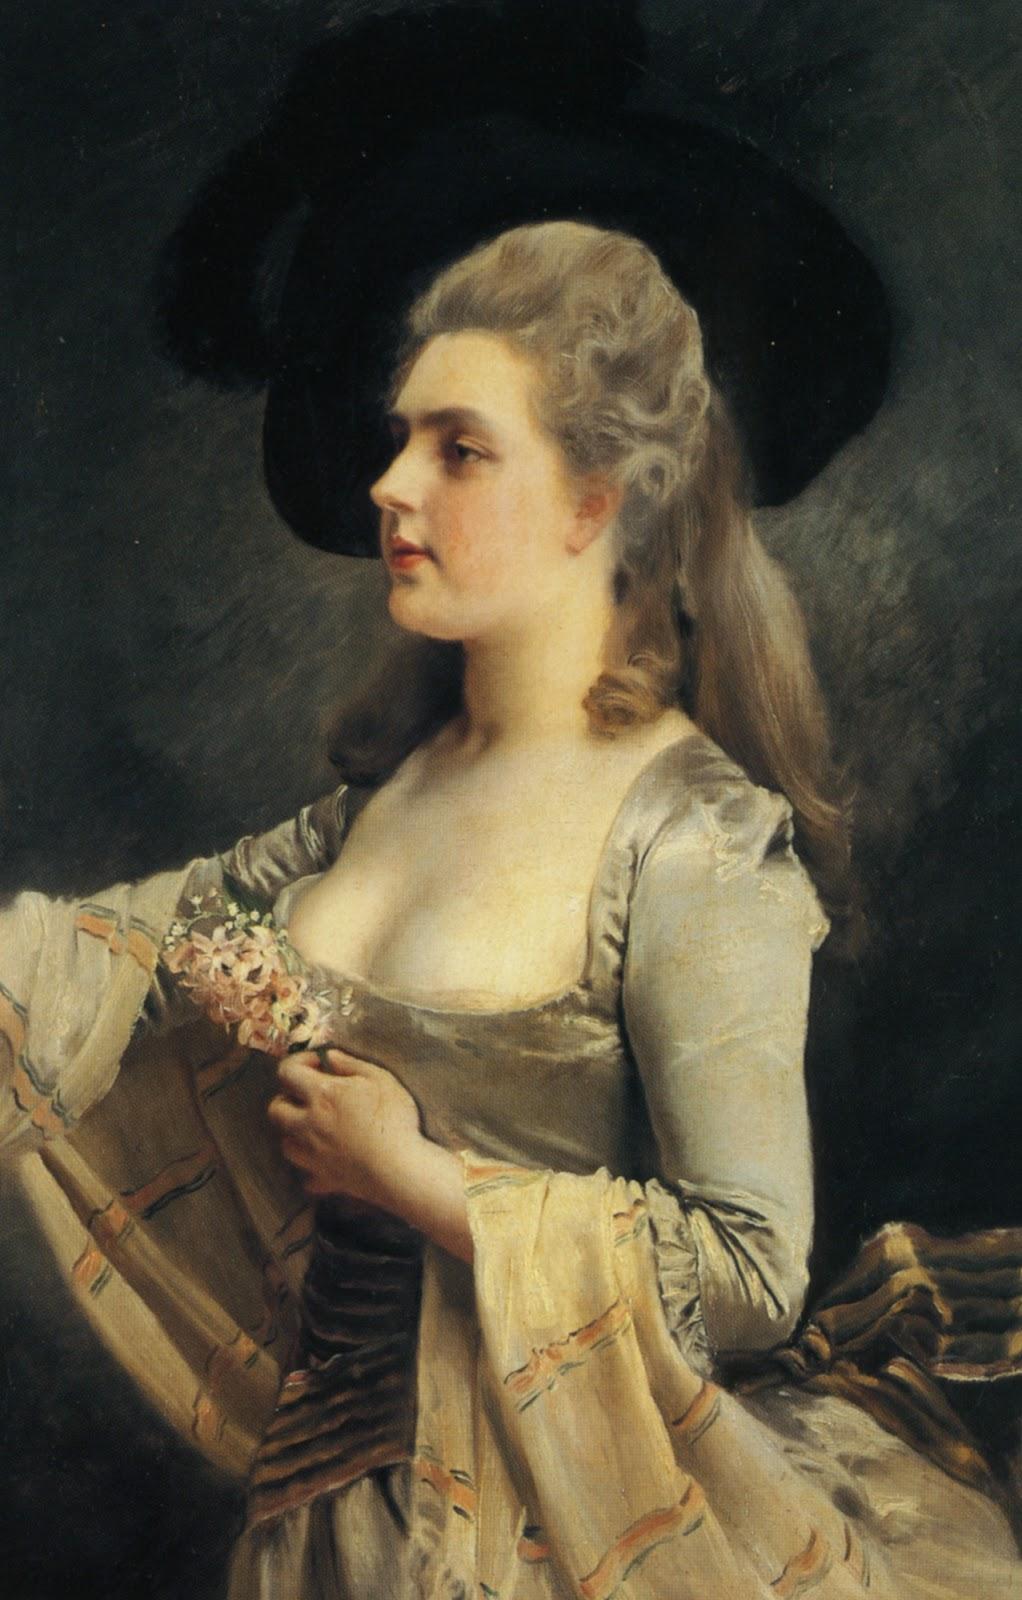 http://2.bp.blogspot.com/-1Y1jAyQr18o/UC0ae1y_RzI/AAAAAAAAMUI/-lIpGOGnlZ8/s1600/an_elegant_lady_in_a__black_hat.jpg